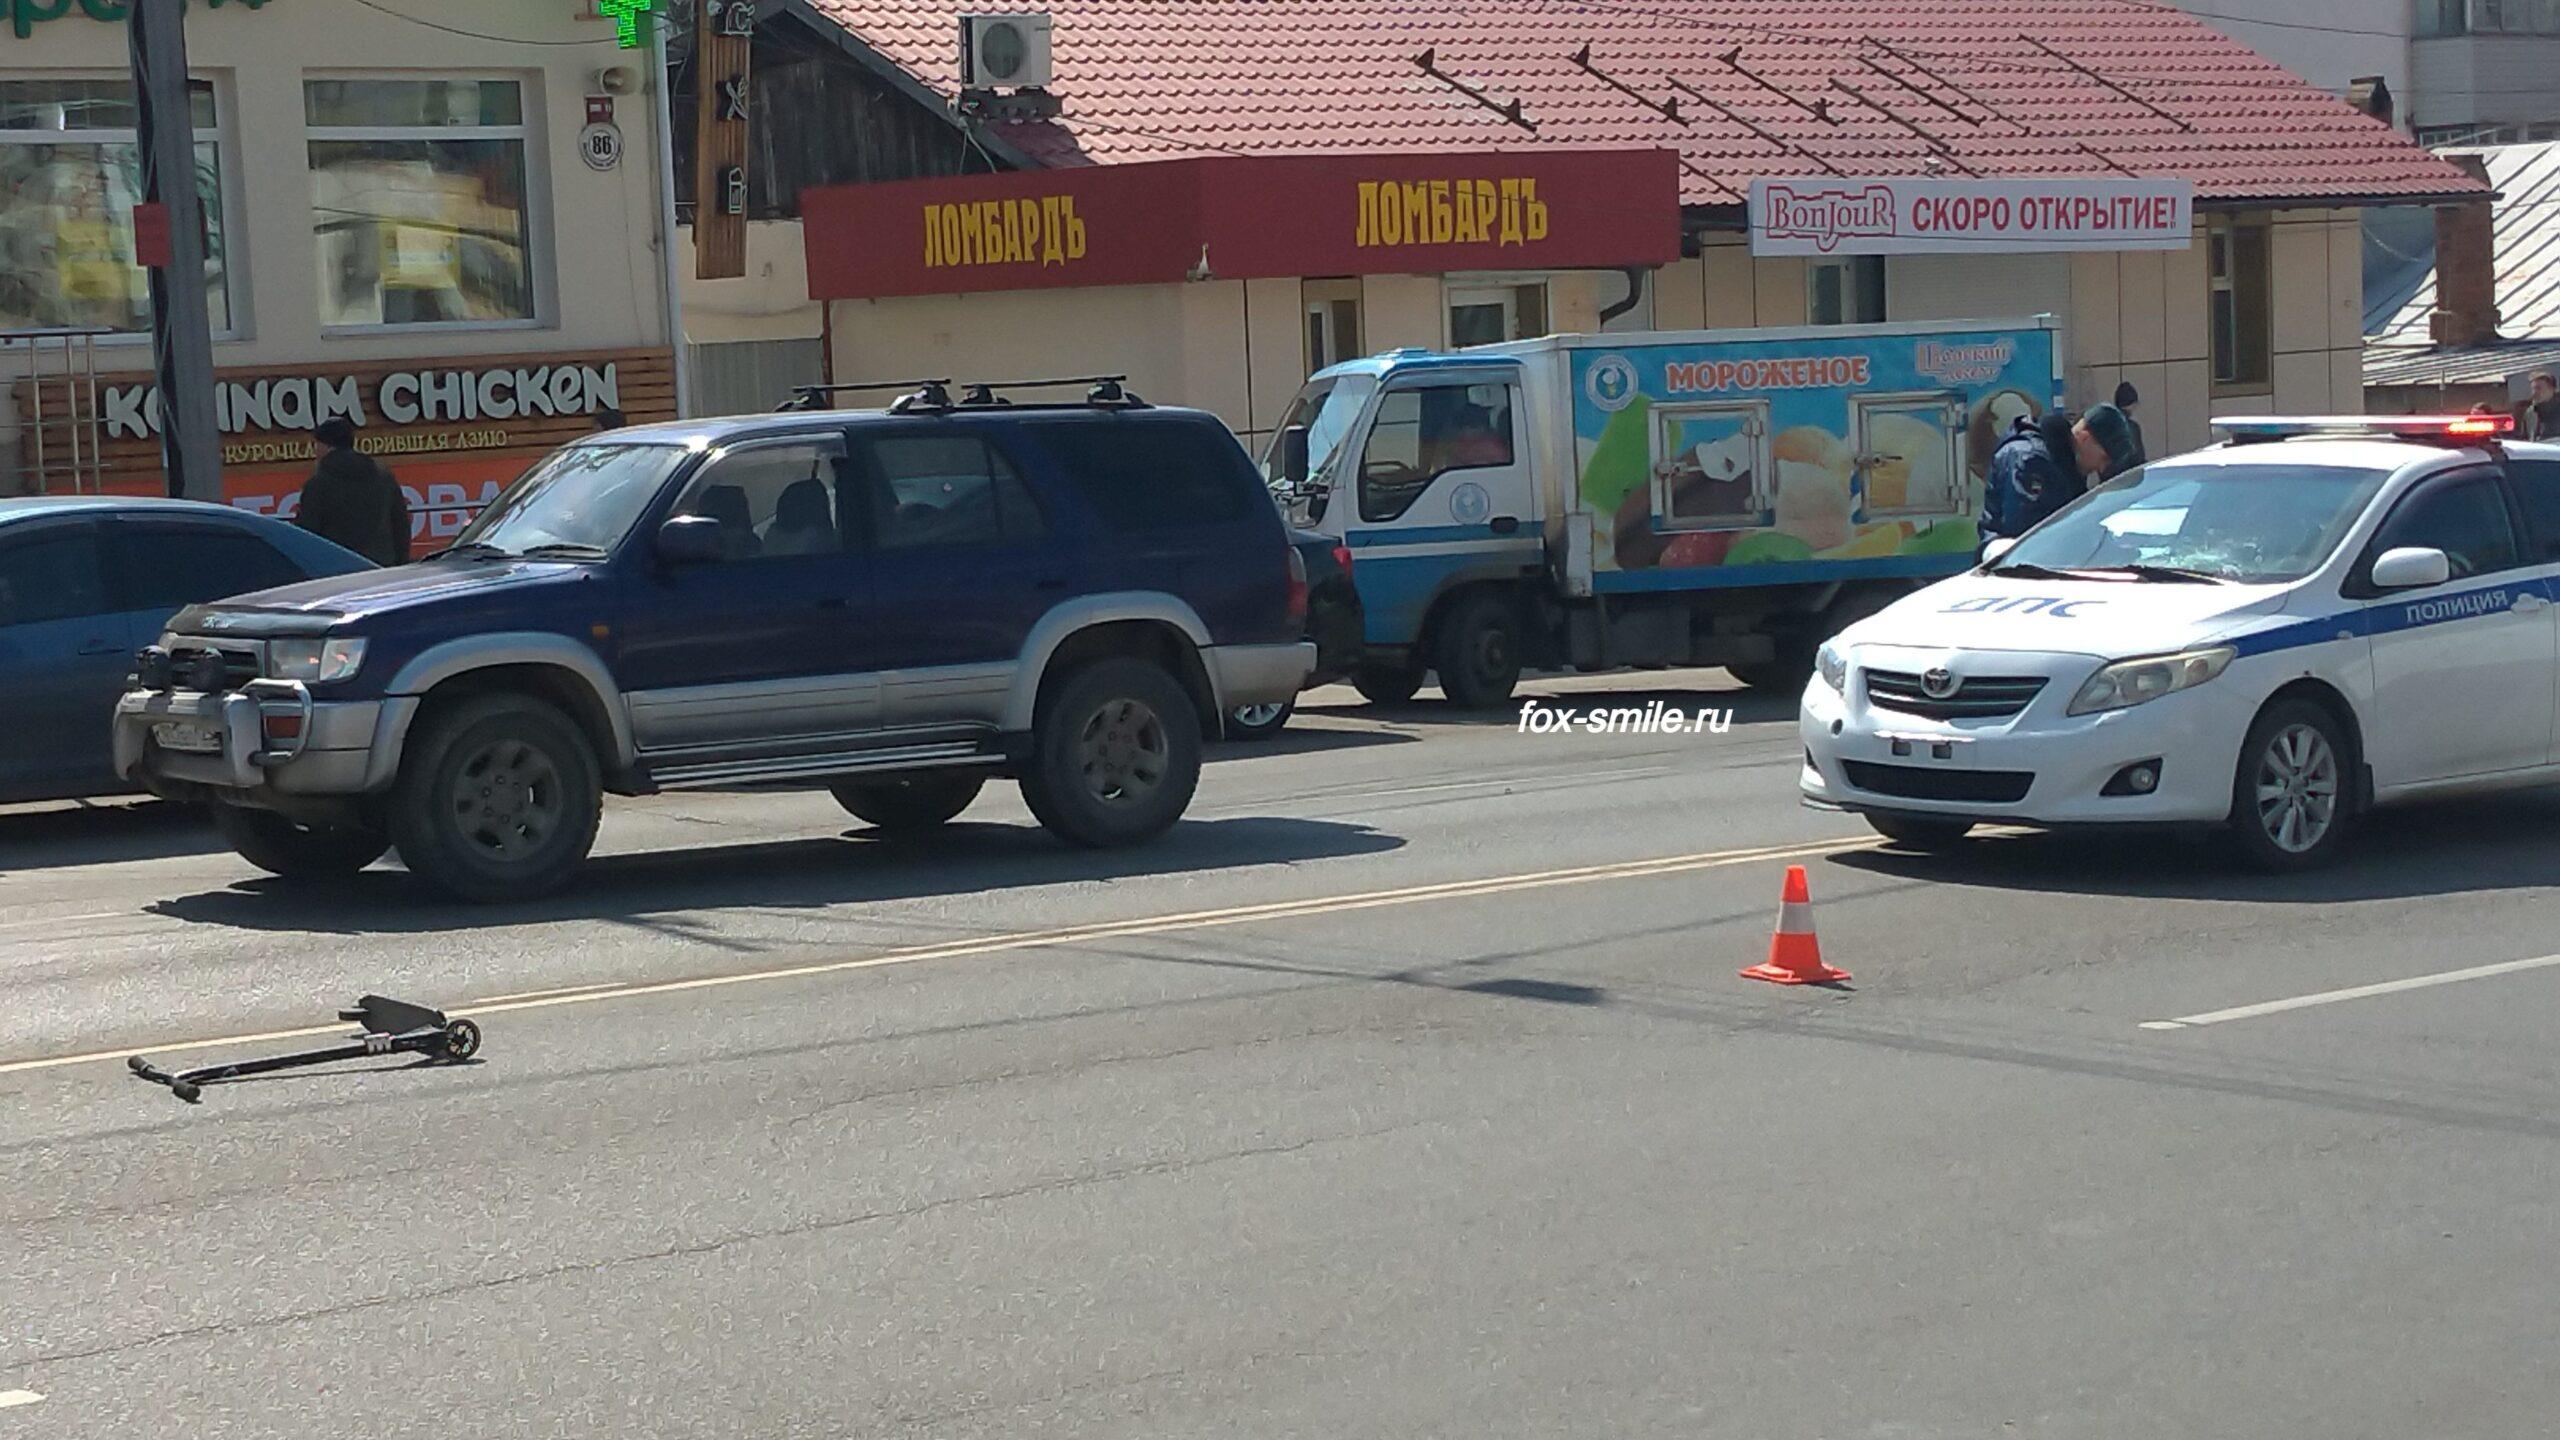 Пешеходы обязаны воздержаться от перехода дороги, при приближении транспортных средств с включенным проблесковым маячком и звуковым сигналом.